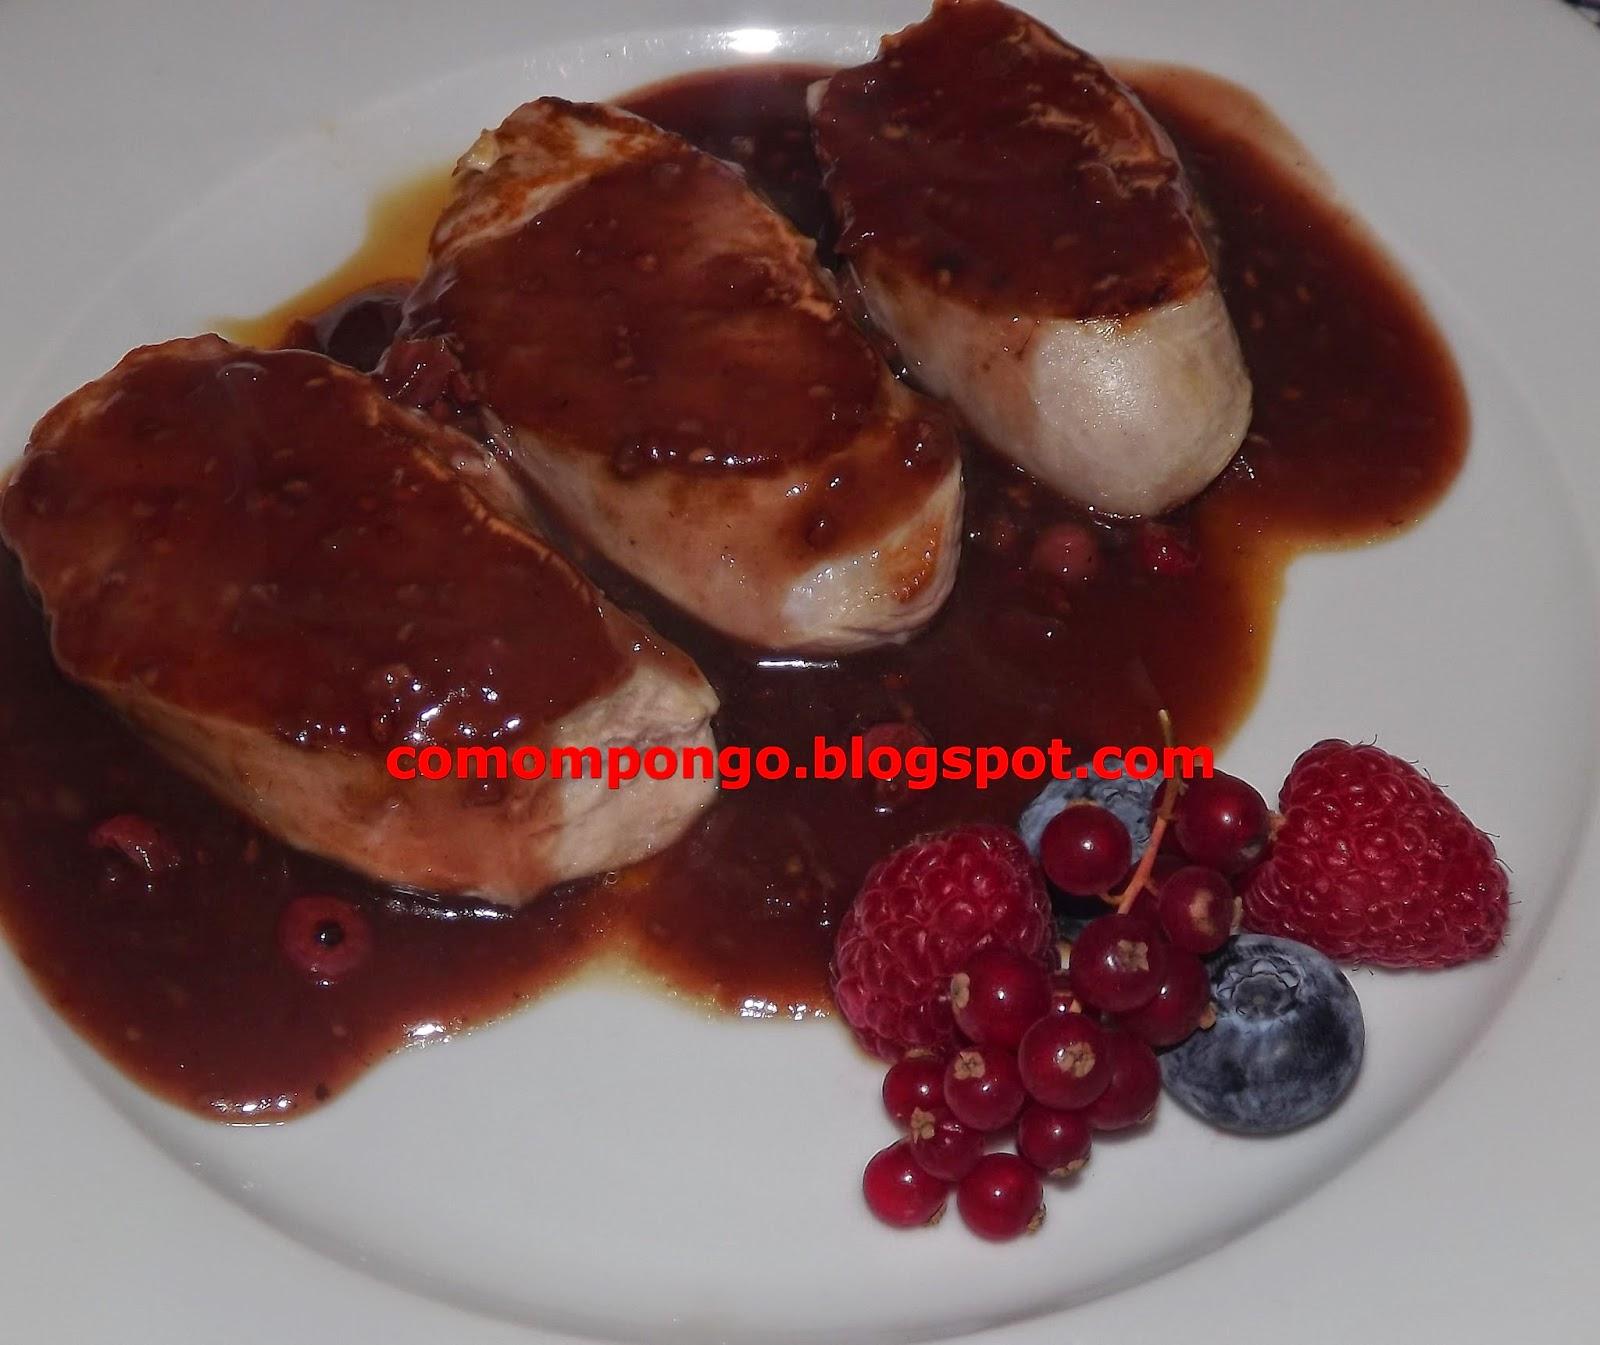 Solomillo de cerdo con salsa de frutos rojos.